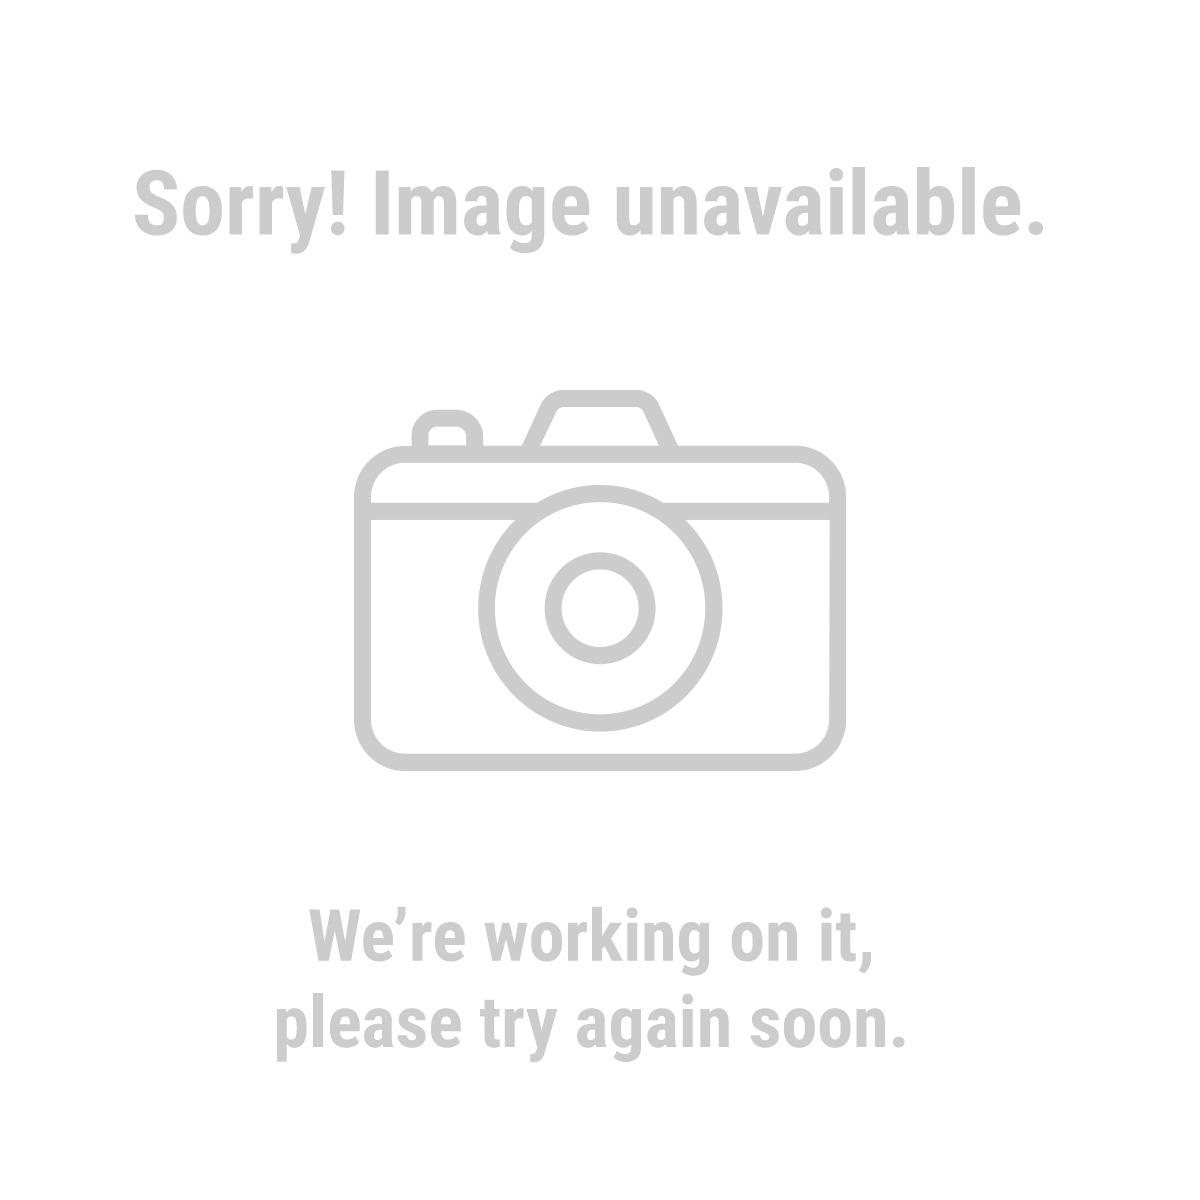 Pacific Hydrostar® 62508 3/4 HP Clear Water Pump 650 GPH